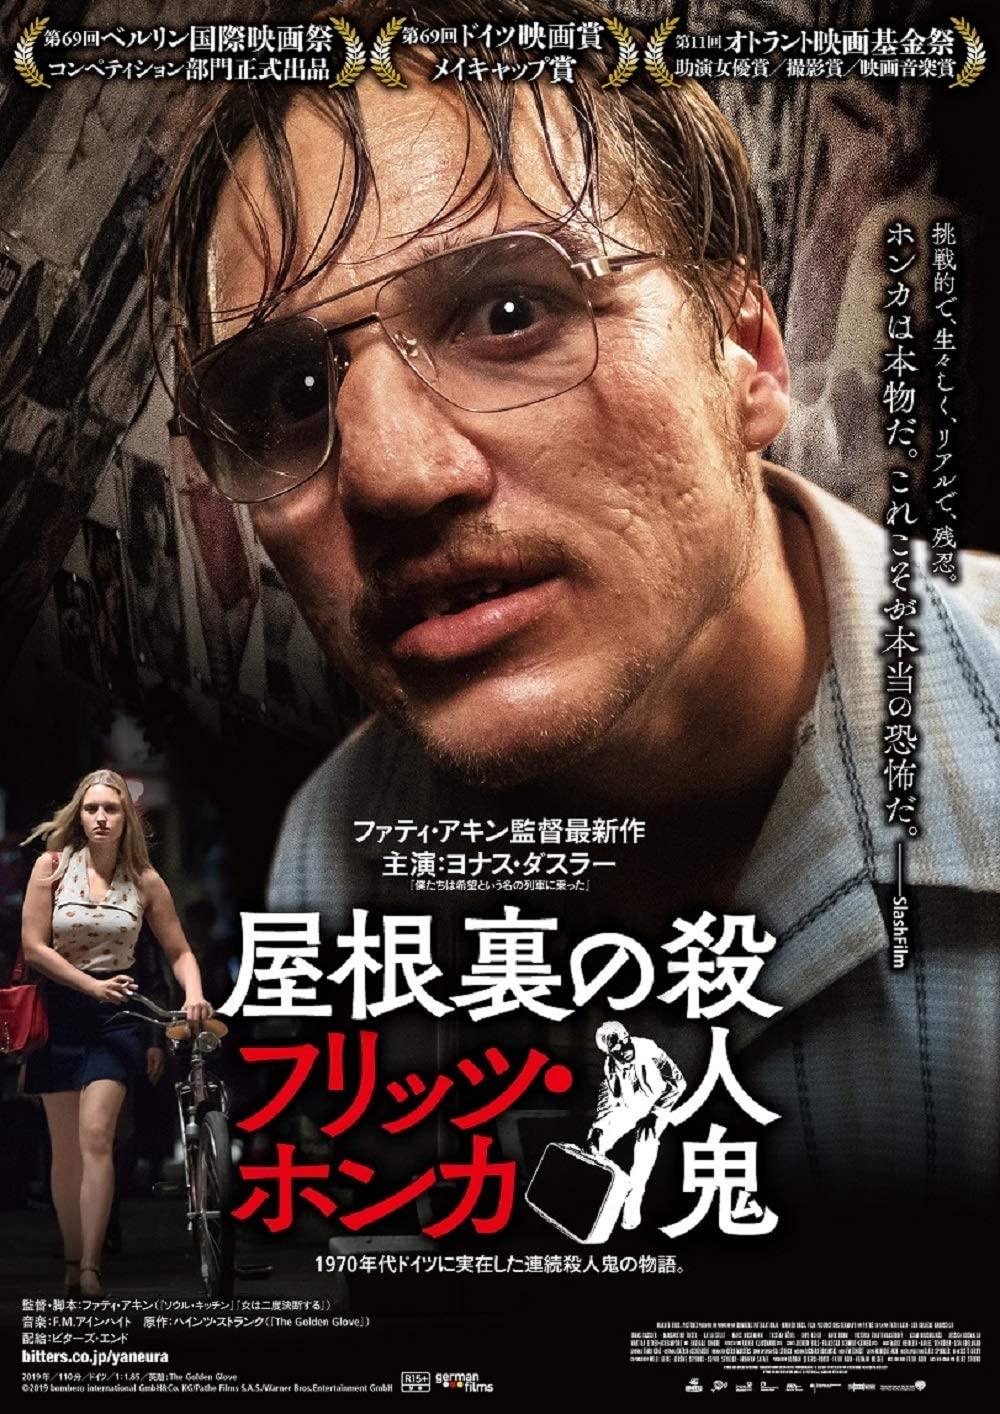 [DVD] 屋根裏の殺人鬼 フリッツ・ホンカ